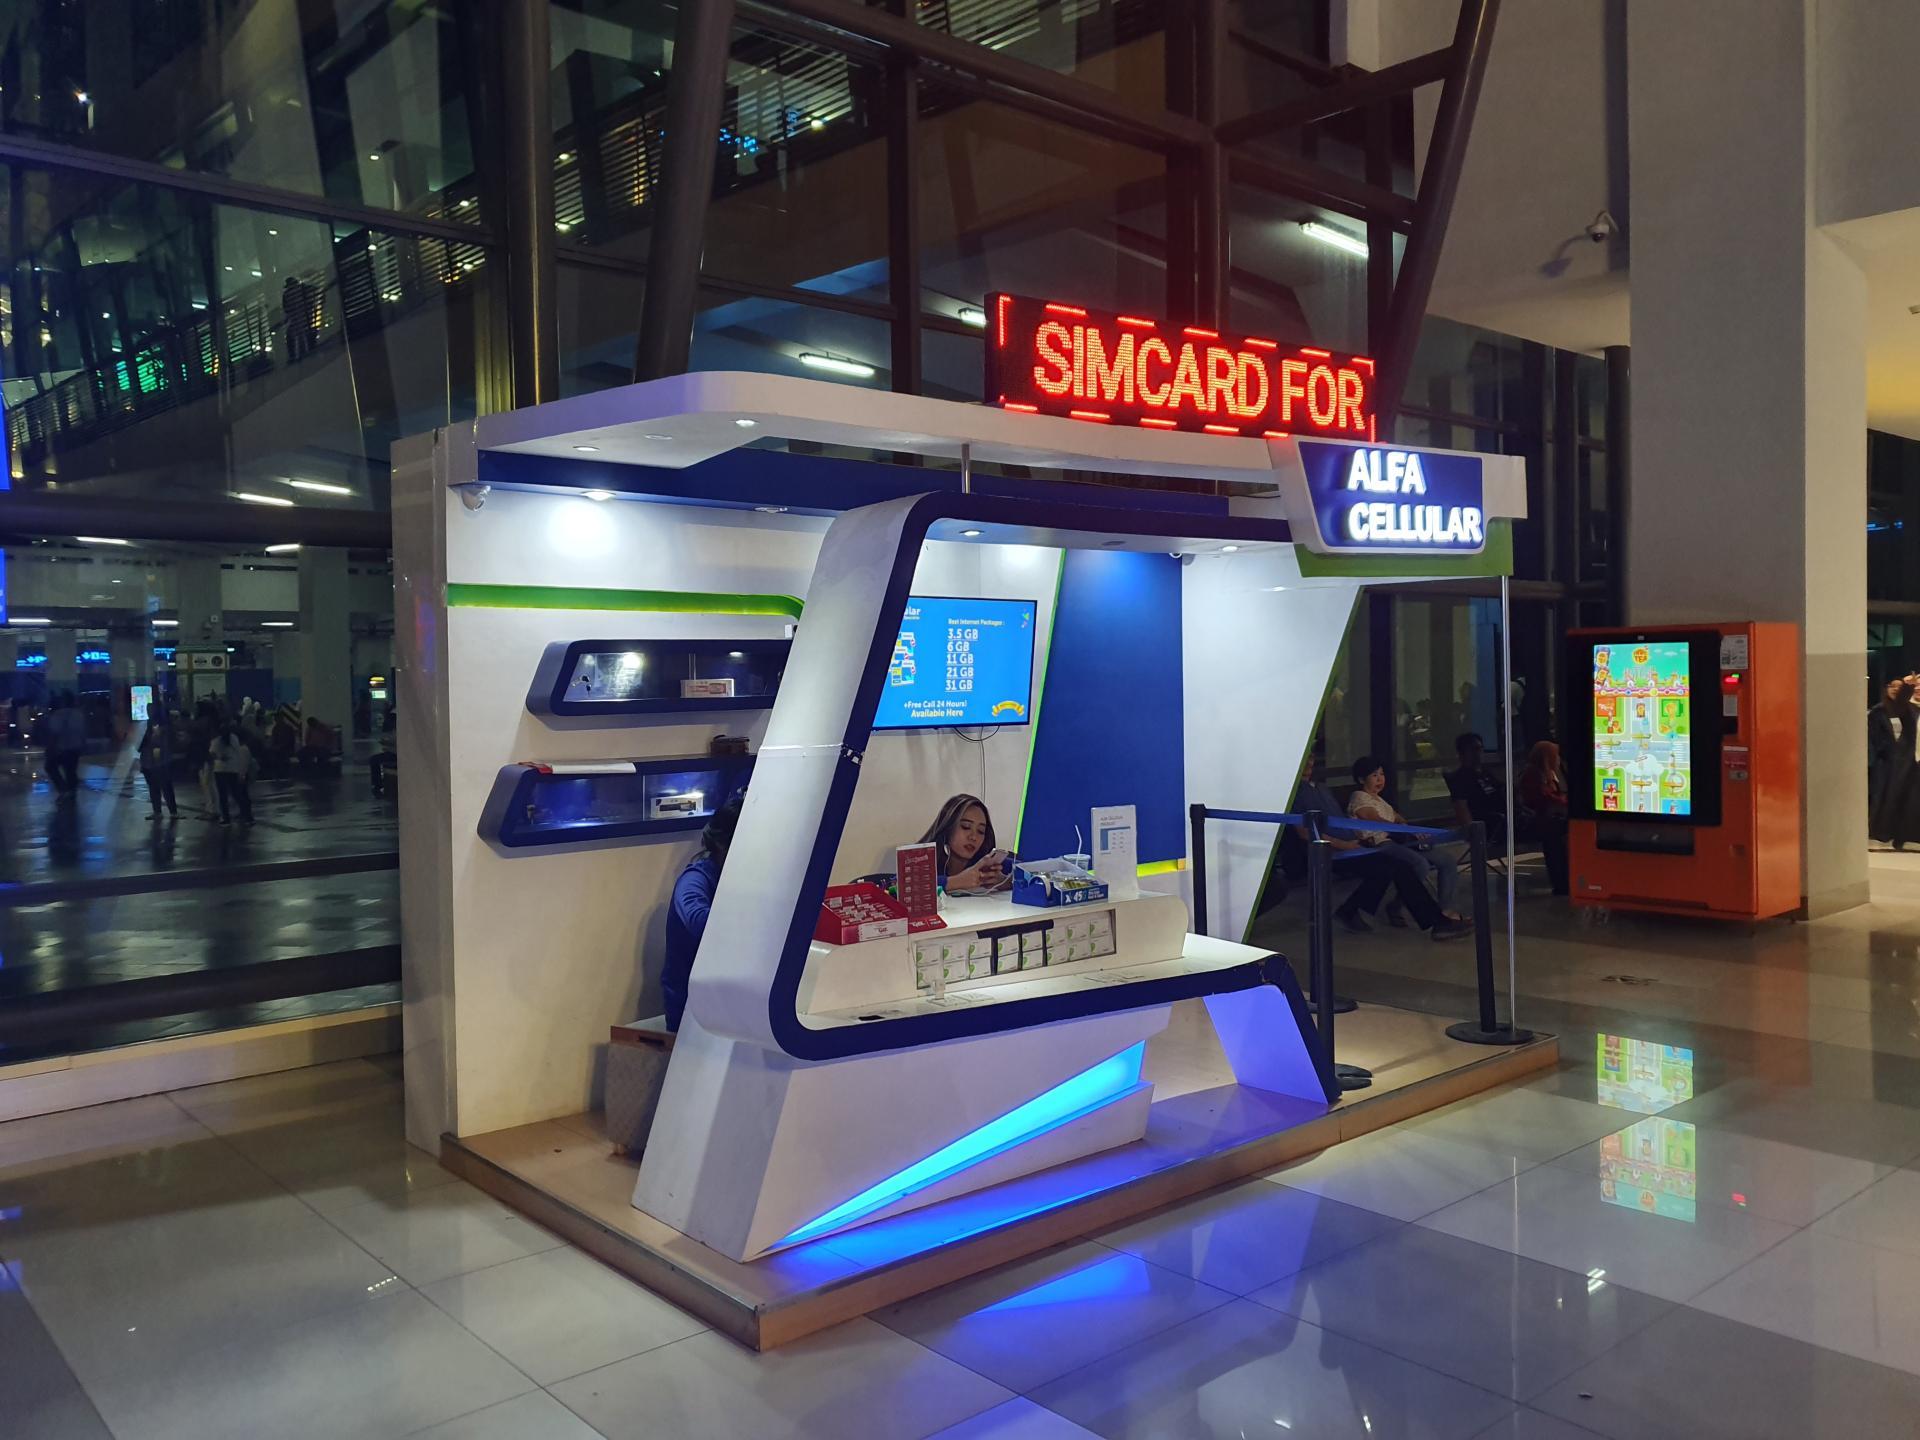 Киоск по продаже сим-карт в Джакарте